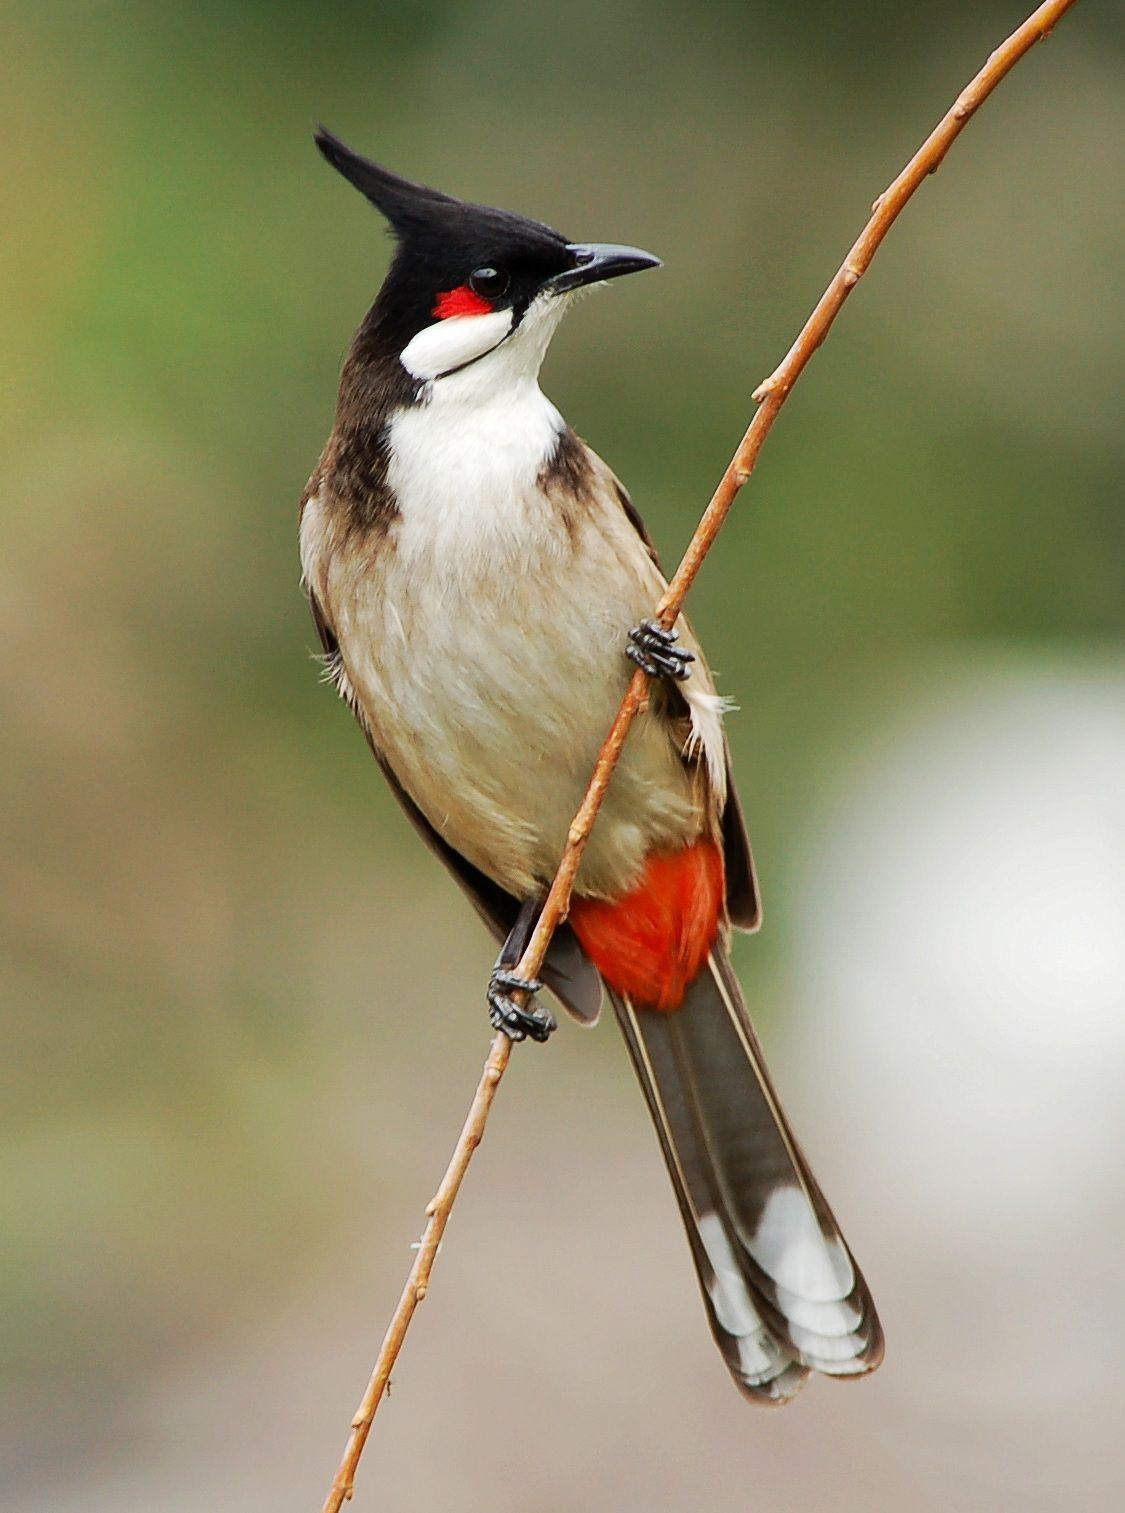 بالصور صور بلابل , الطف واجمل الطيور البلبل في صور معبرة 1362 2